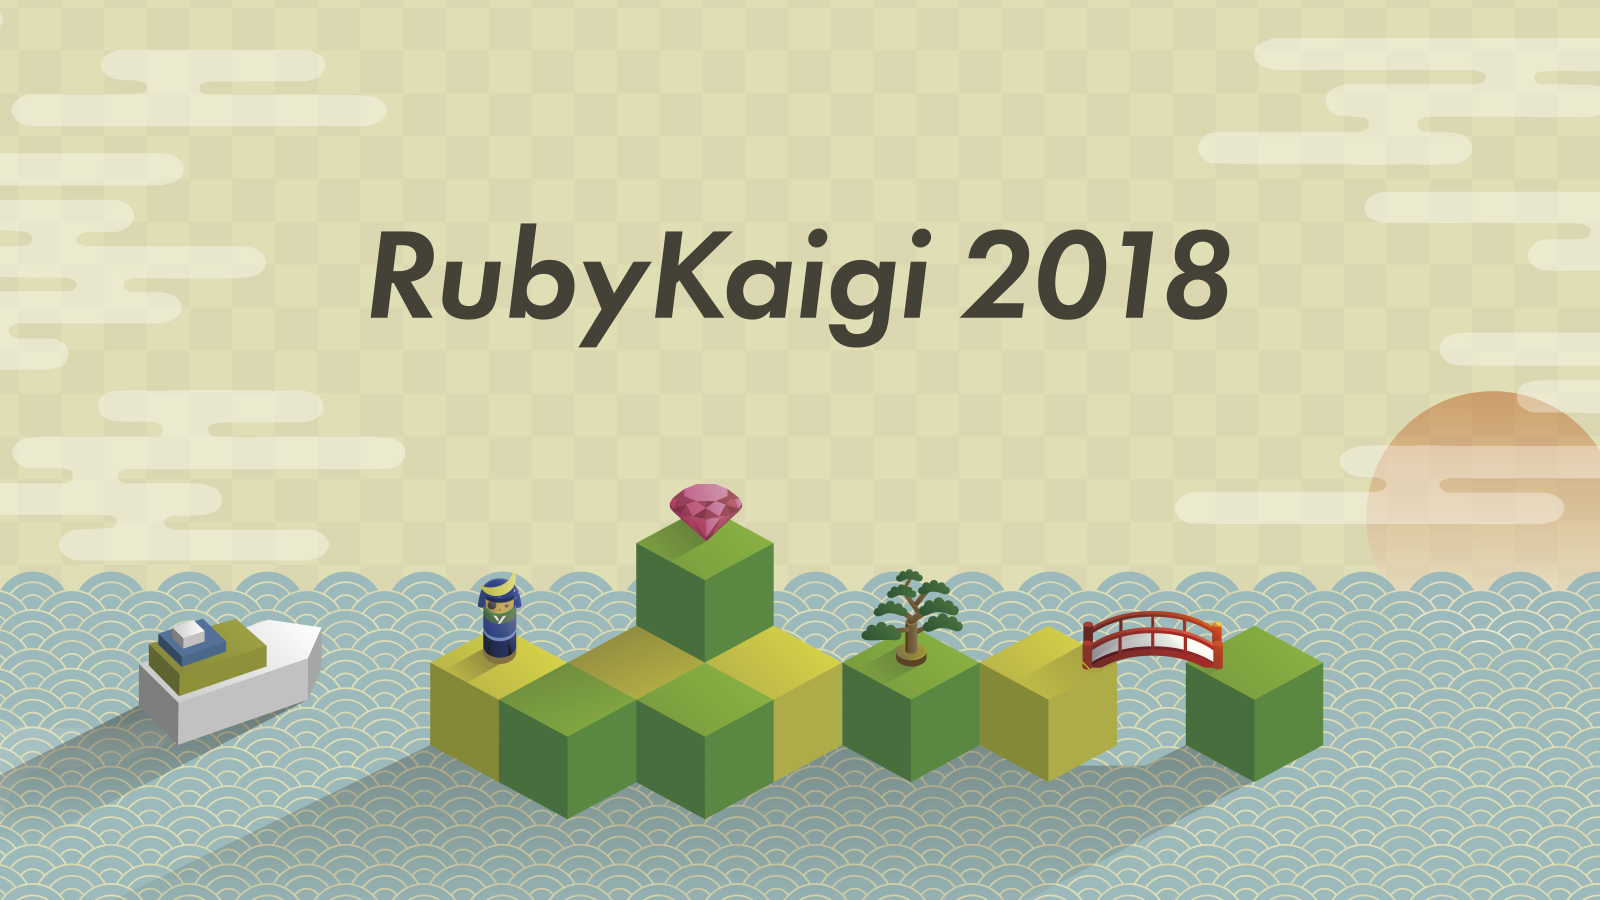 RubyKaigi 2018 に Gold Sponsor として協賛します & 仙台のおみやげの話